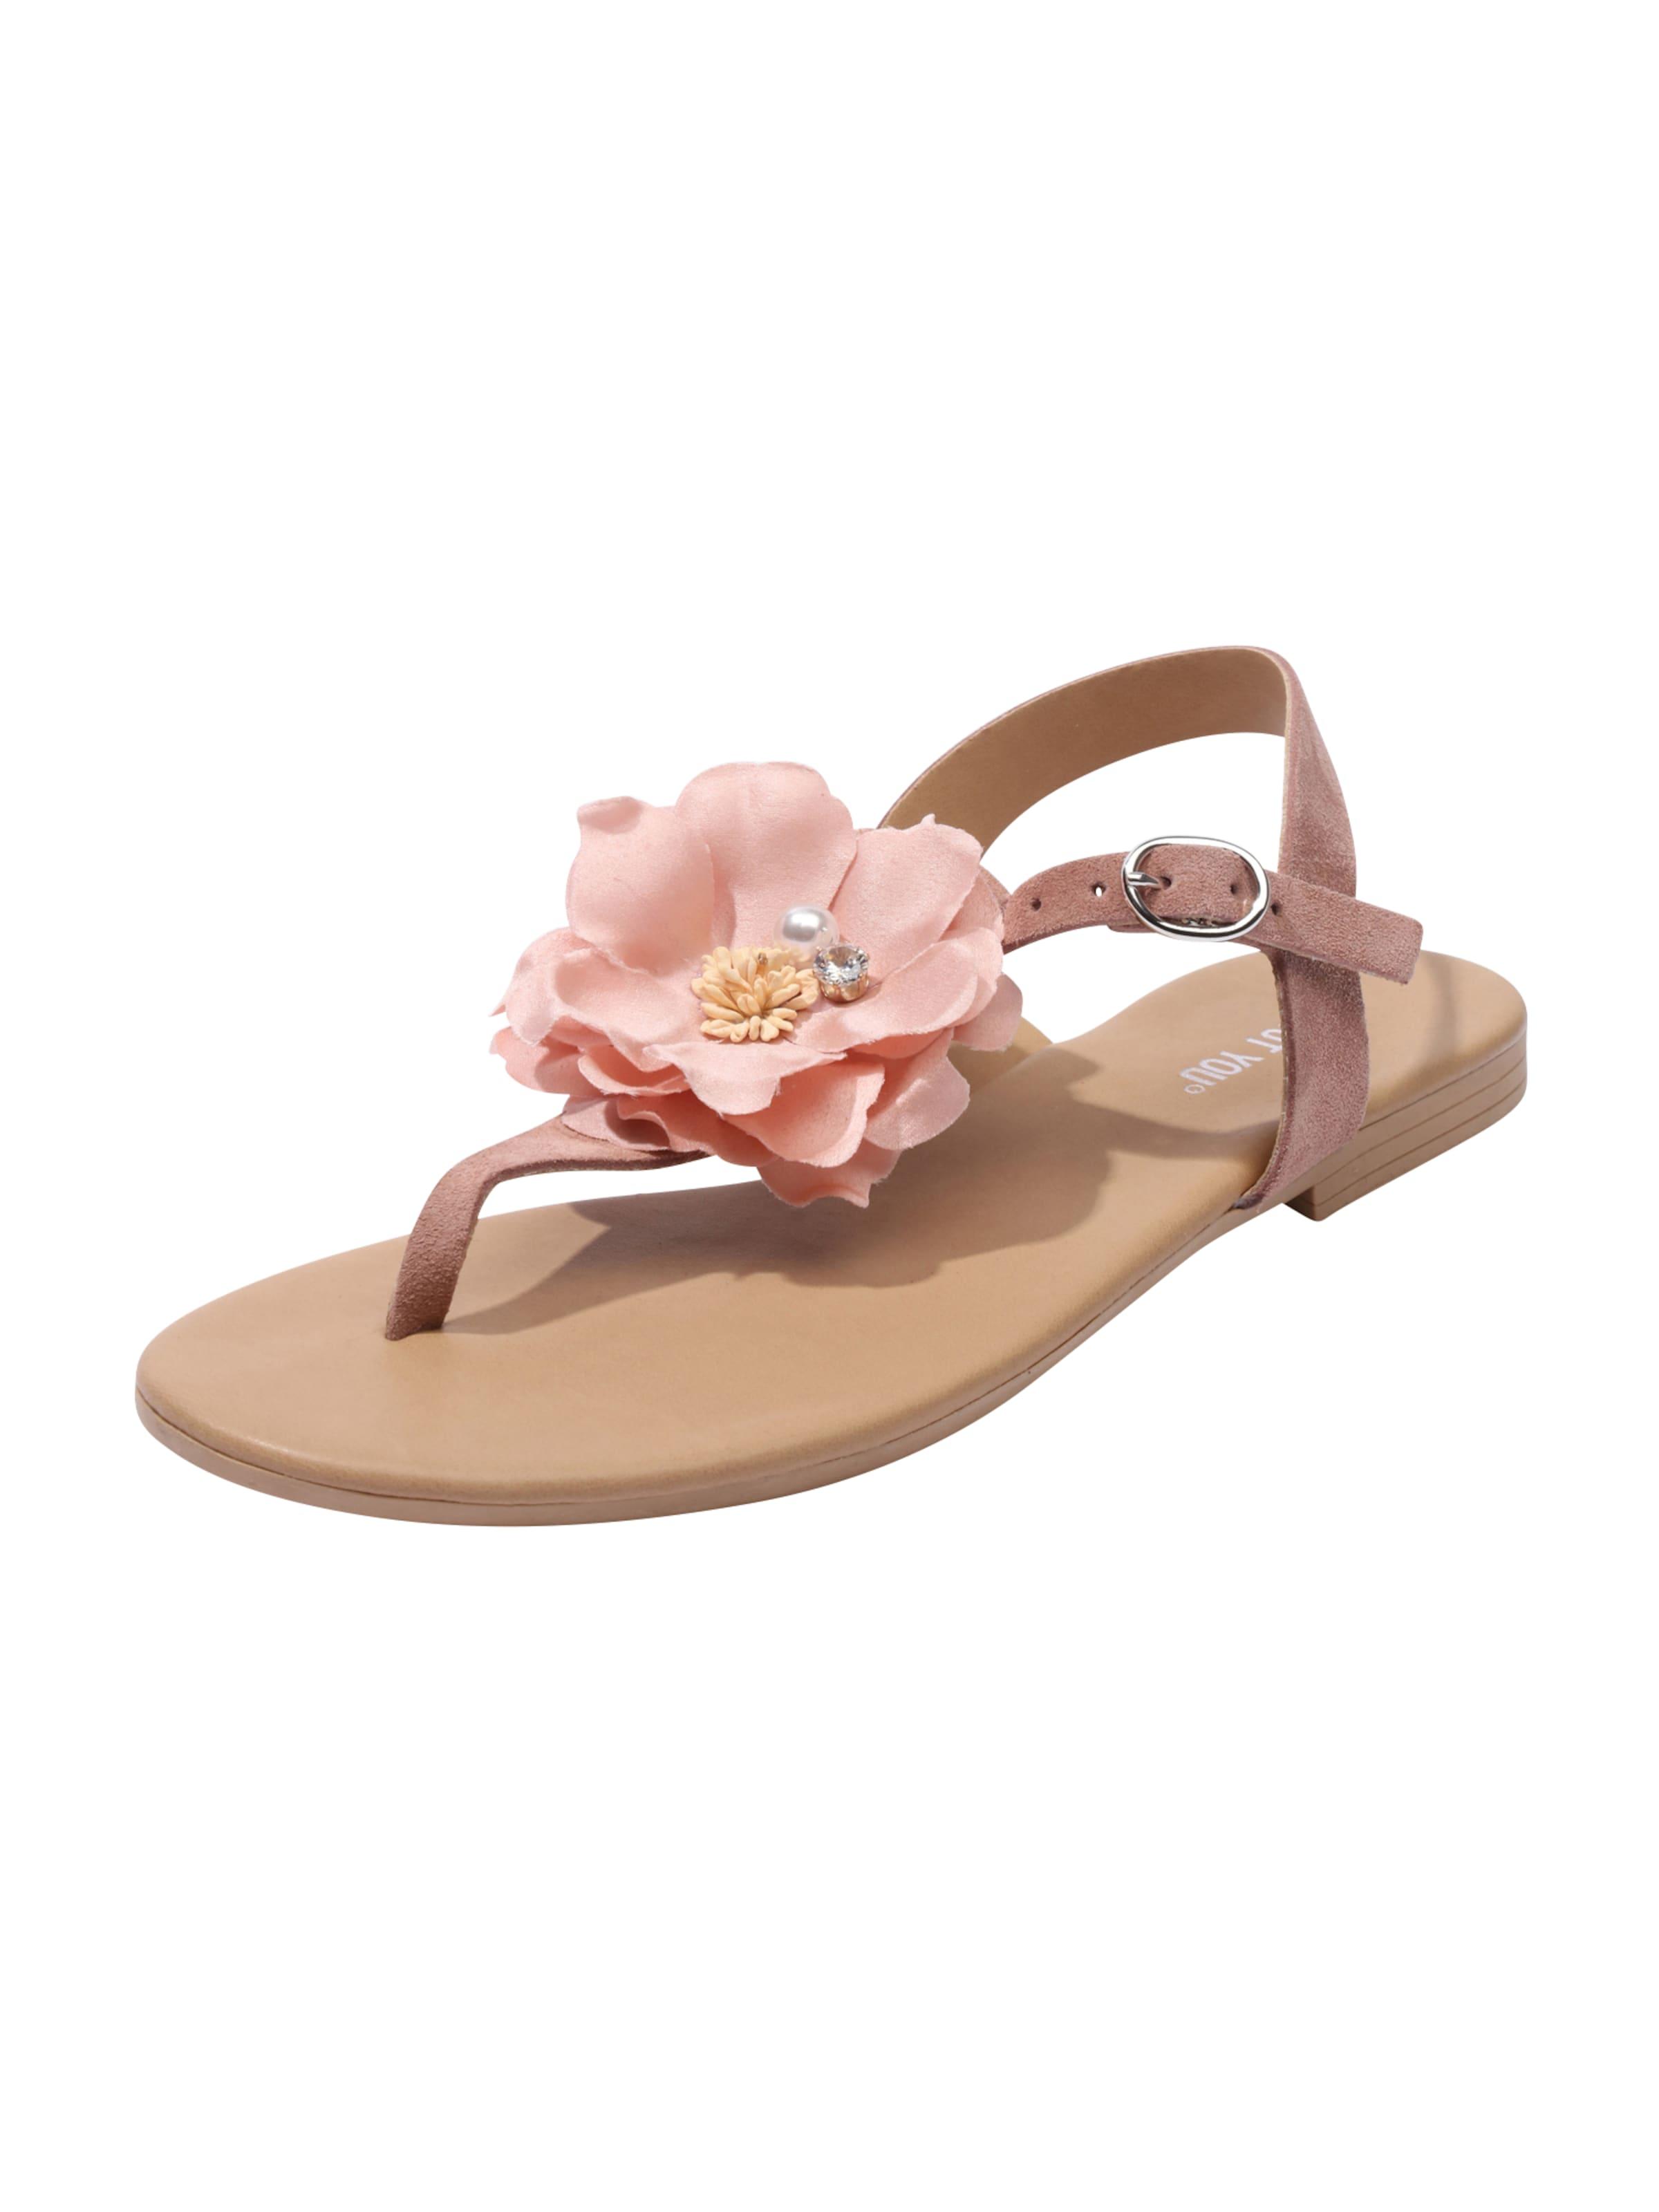 ABOUT YOU Riemchensandalen LOTTI Verschleißfeste billige Schuhe